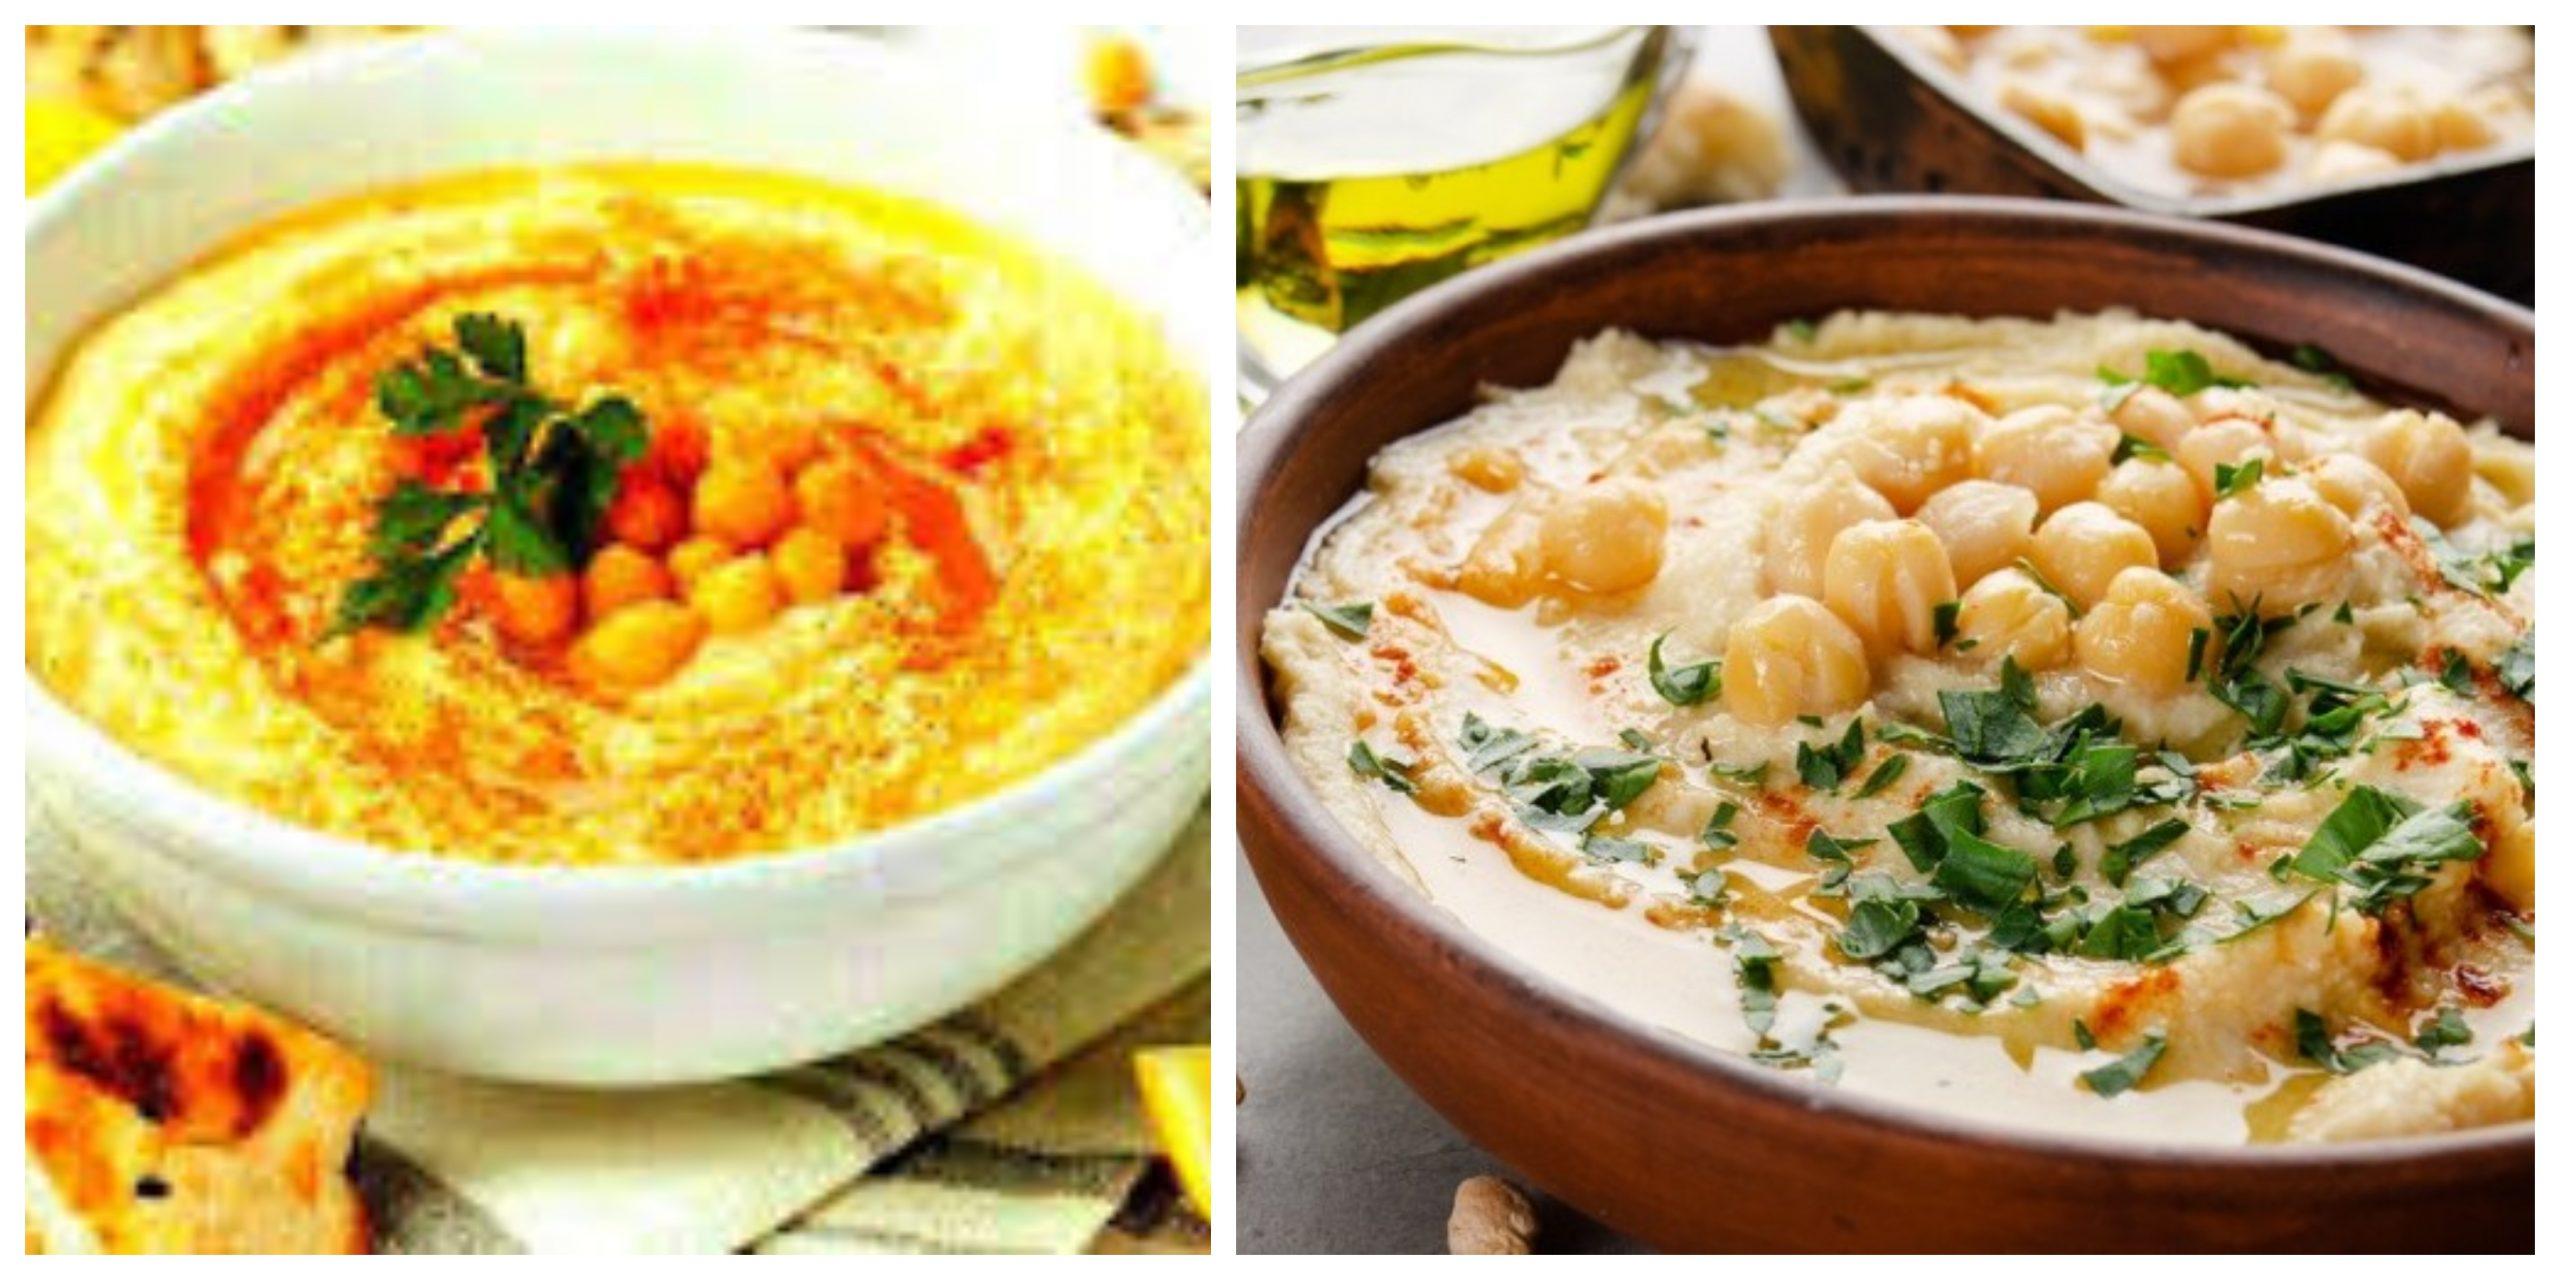 الفوائد الصحية لإضافة الحمص إلى وجباتك اليومية